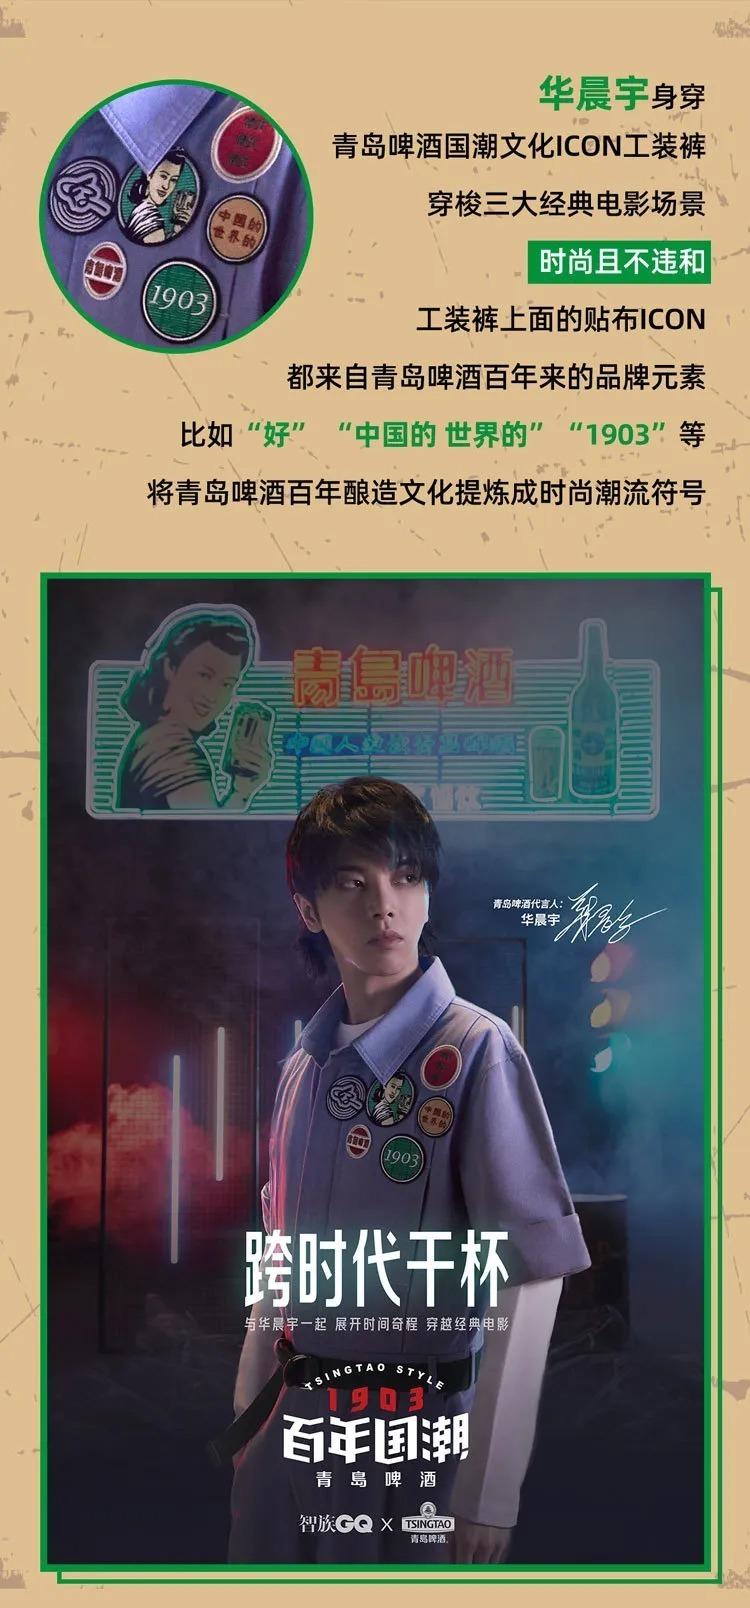 青岛啤酒 X 华晨宇 | 穿越经典,百年潮牌再掀国